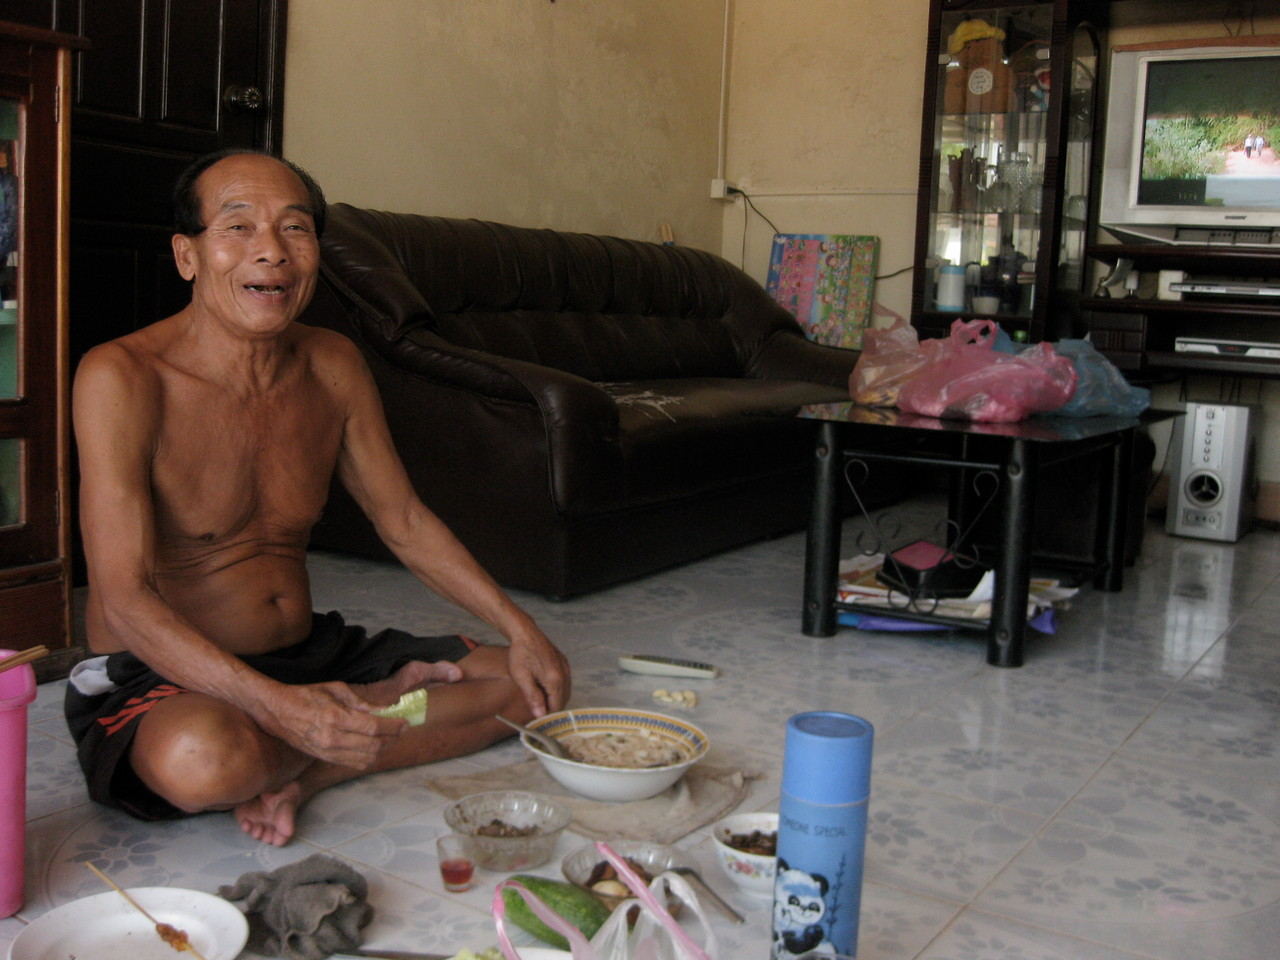 そのごはんを干したのを見ていたら、後から呼ばれて振り向くと、このおじさんの家があった。通りに面したシャッターは開かれて、すぐにおじさんの居間になっていた。朝からつまみを並べ、ラオラーオ(ラオスの焼酎)を飲みながら、べトナムのドラマを見ていた。どうも奥さんがハノイ出身のべトナム人らしい。(奥さんは買物に出かけたそうだ)私にも飲め飲めと赤いラオラーオを勧めてくれた。強かったけどけっこうおいしかった。